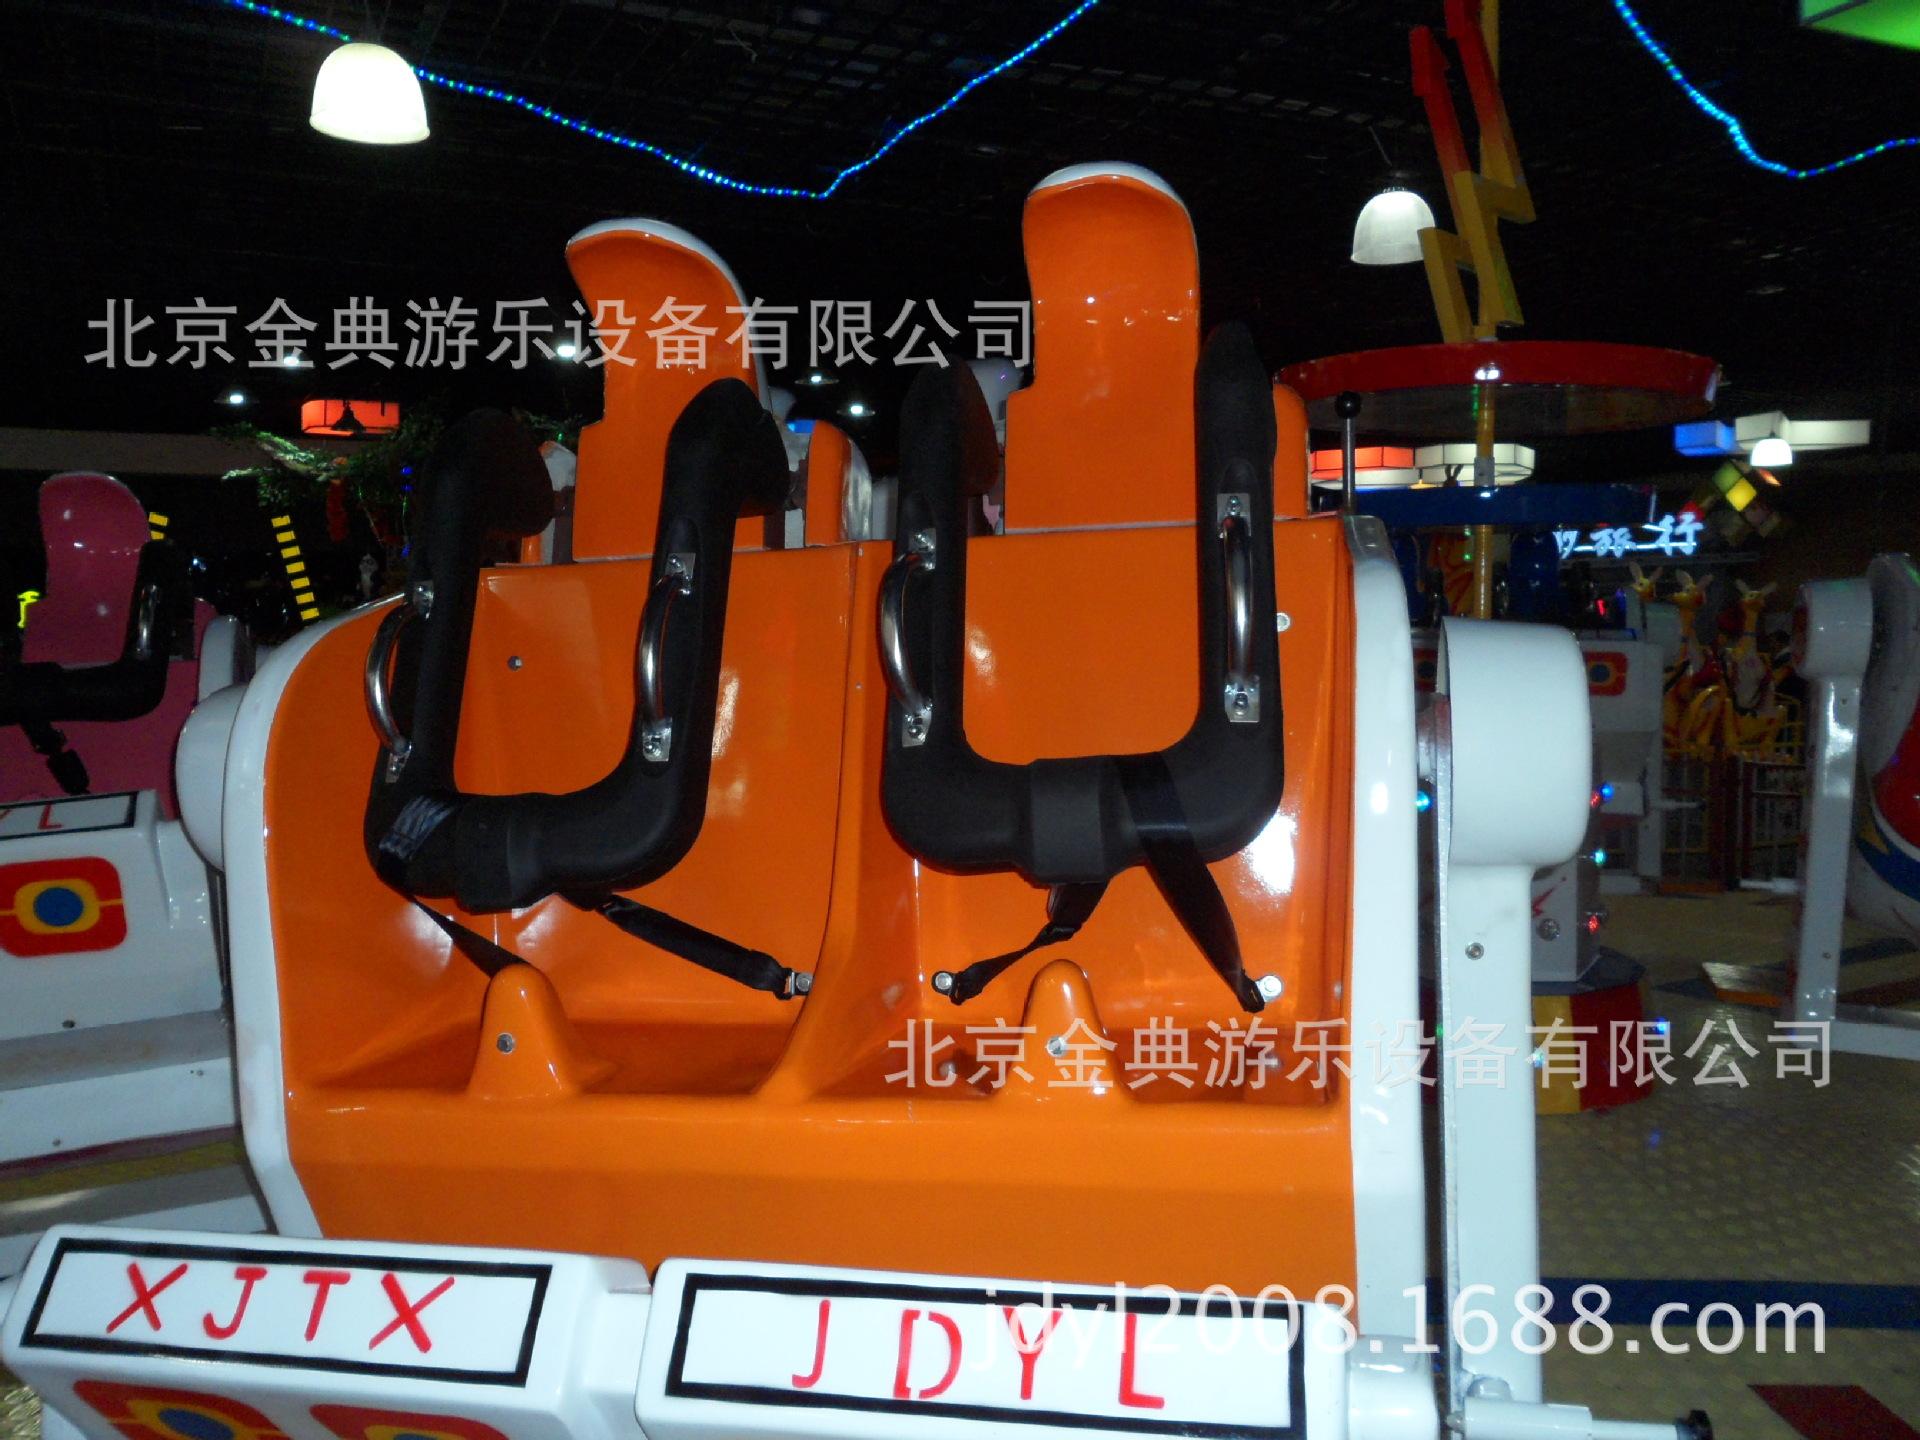 室内外游乐设备 星际探险游乐设备 大型游乐设备示例图6